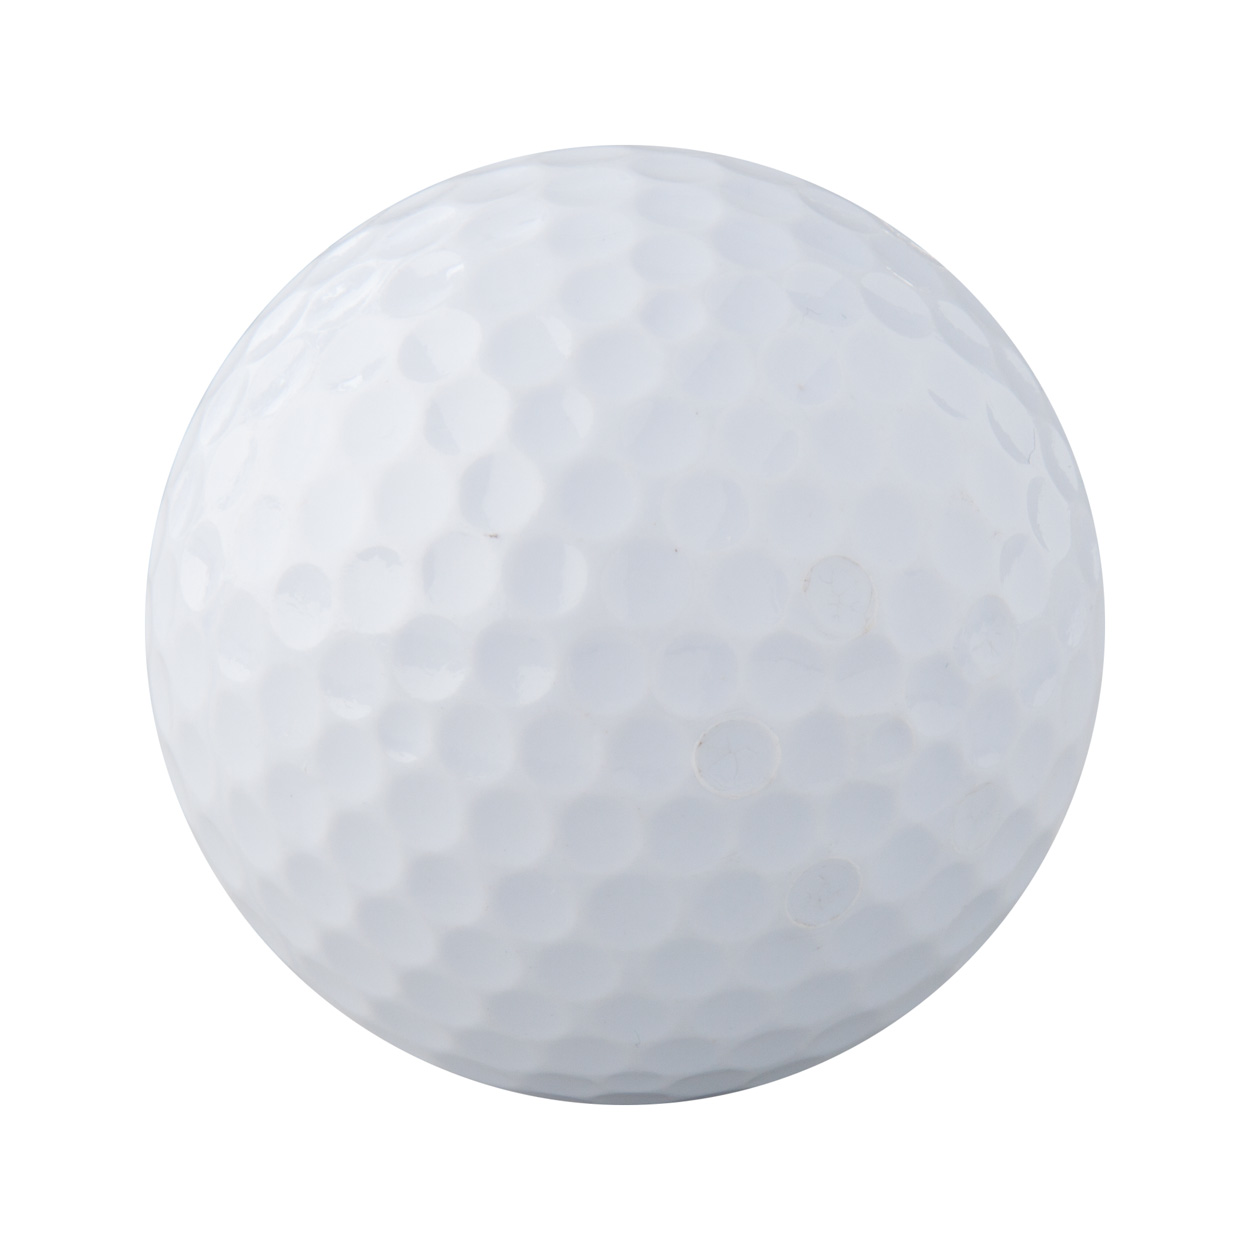 Nessa pallina da golf